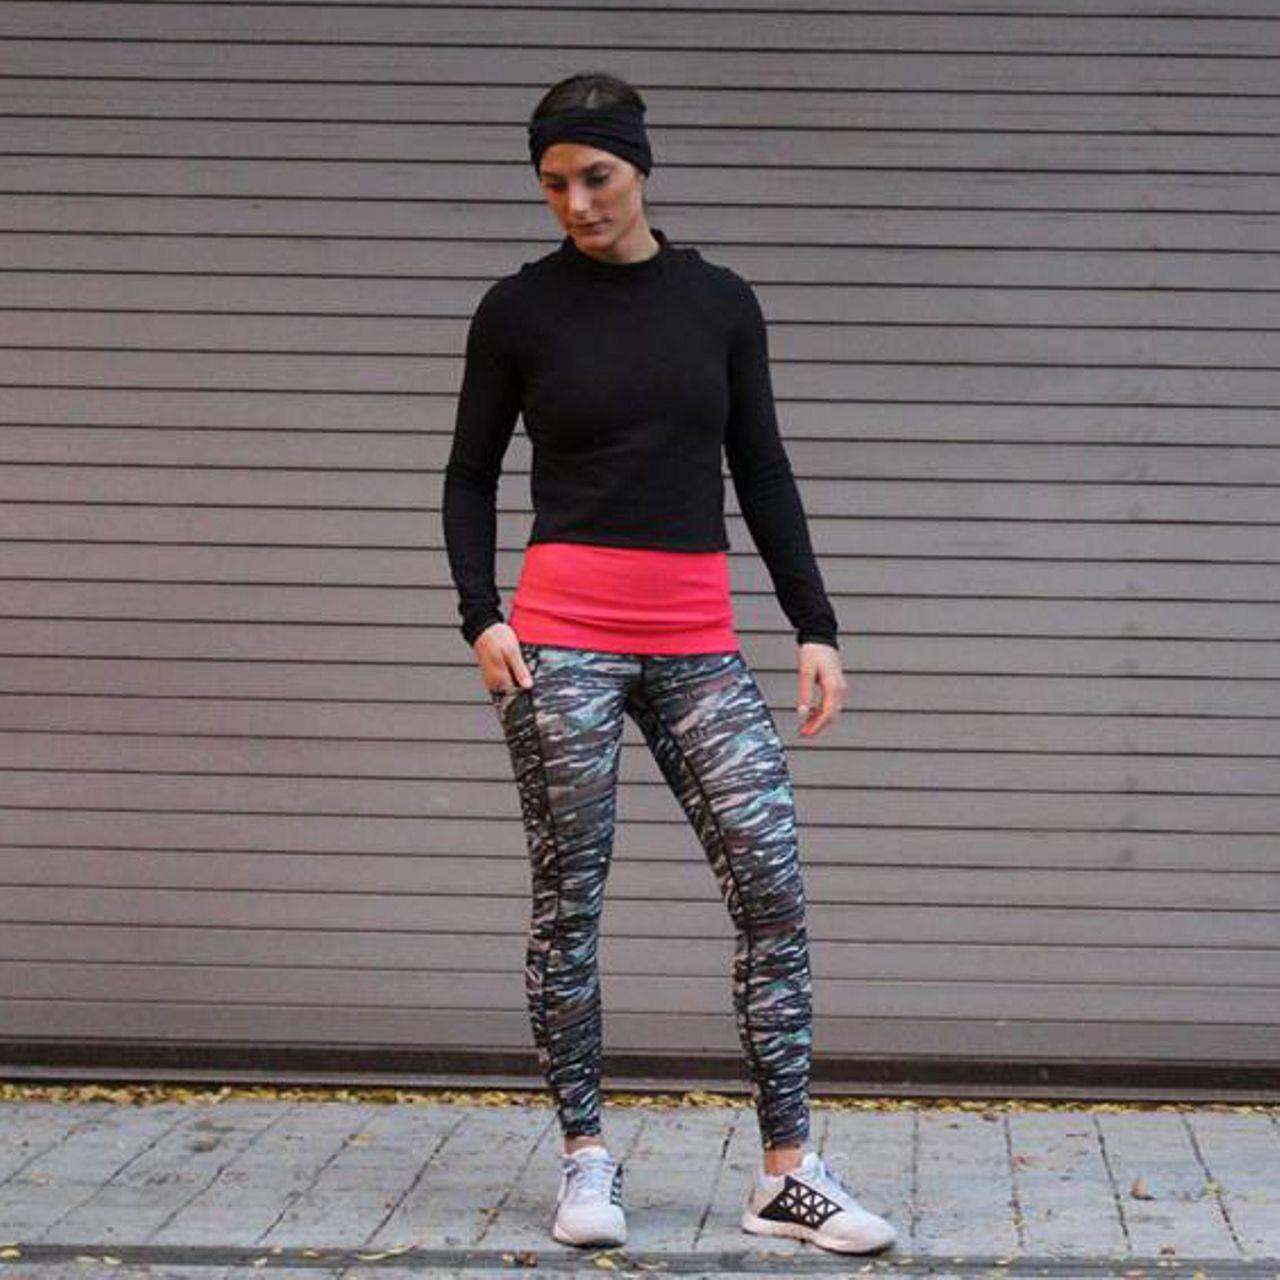 Lululemon Fast And Free 7/8 Tight - Mini Sweatr Multi Black